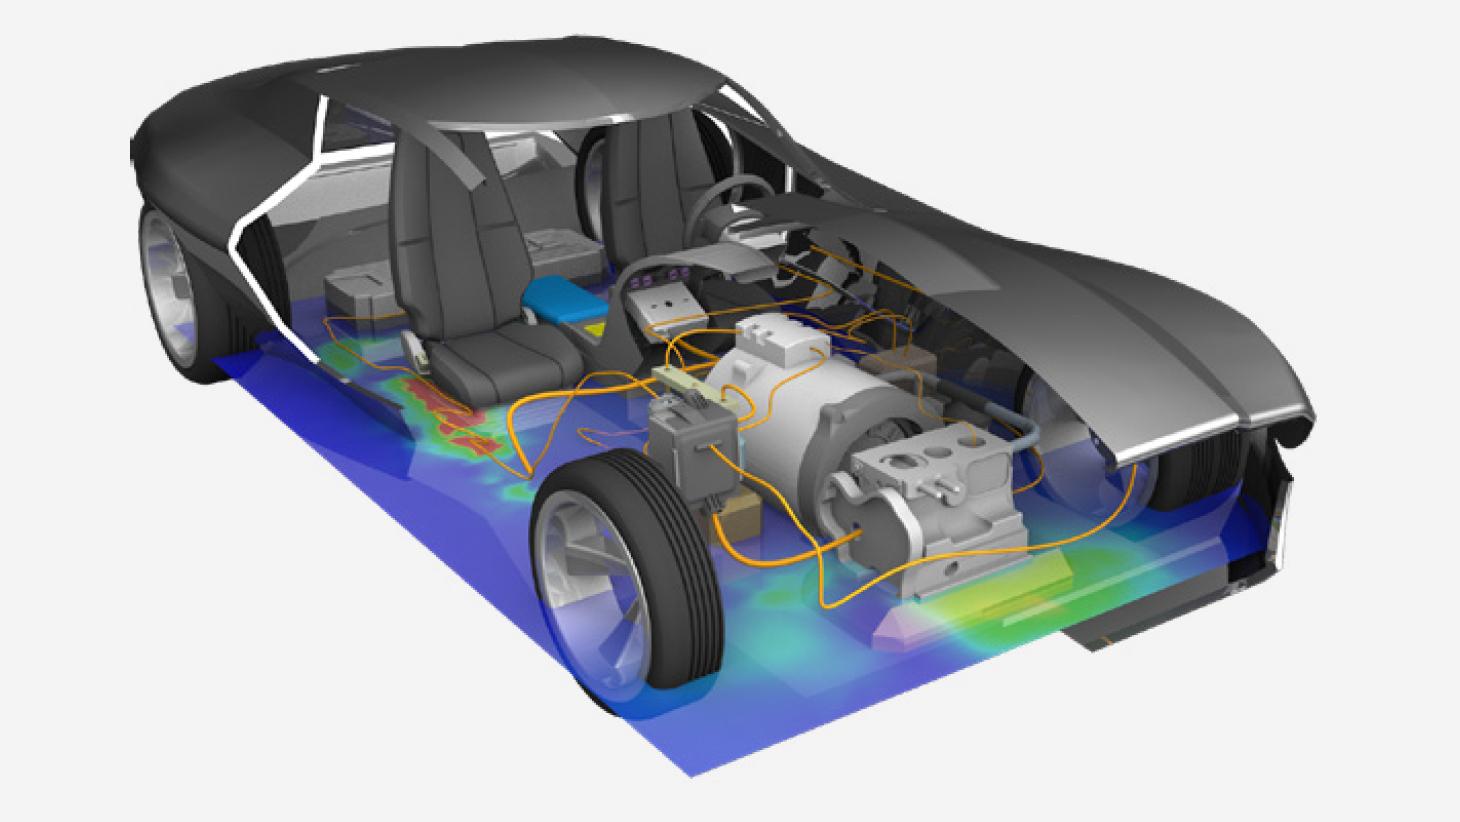 Compatibilidade eletromagnética em cabos: o poder da simulação